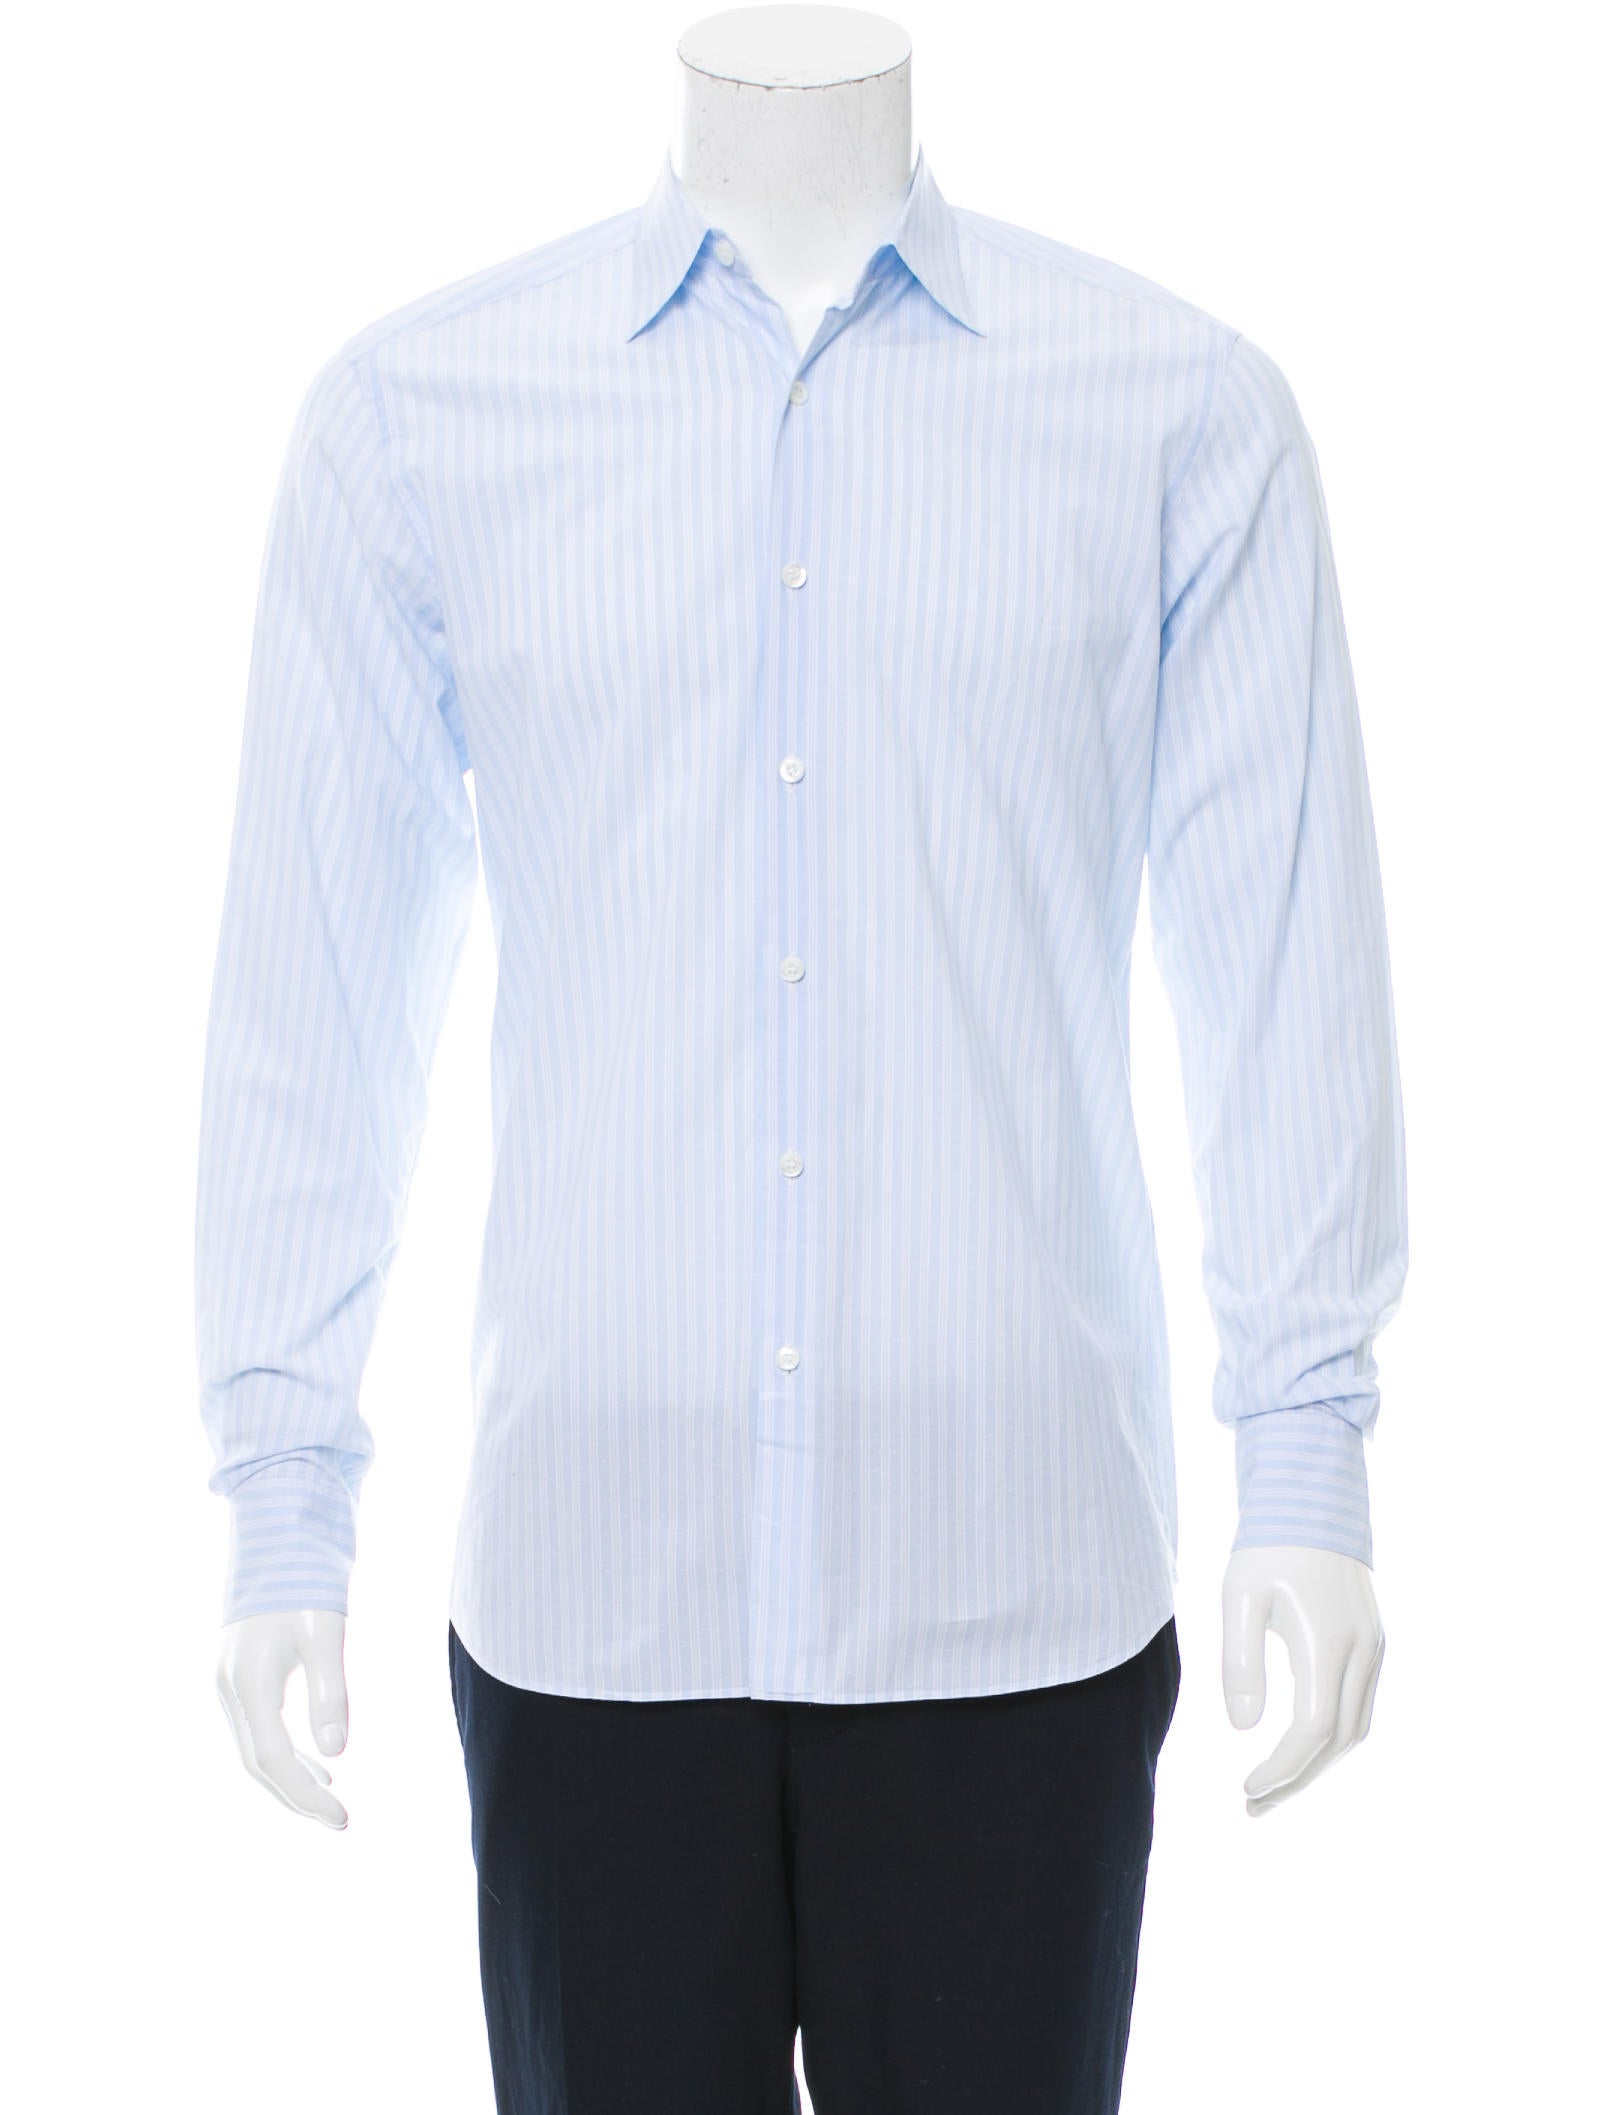 Prada striped button up shirt clothing pra154696 the for Striped button up shirt mens